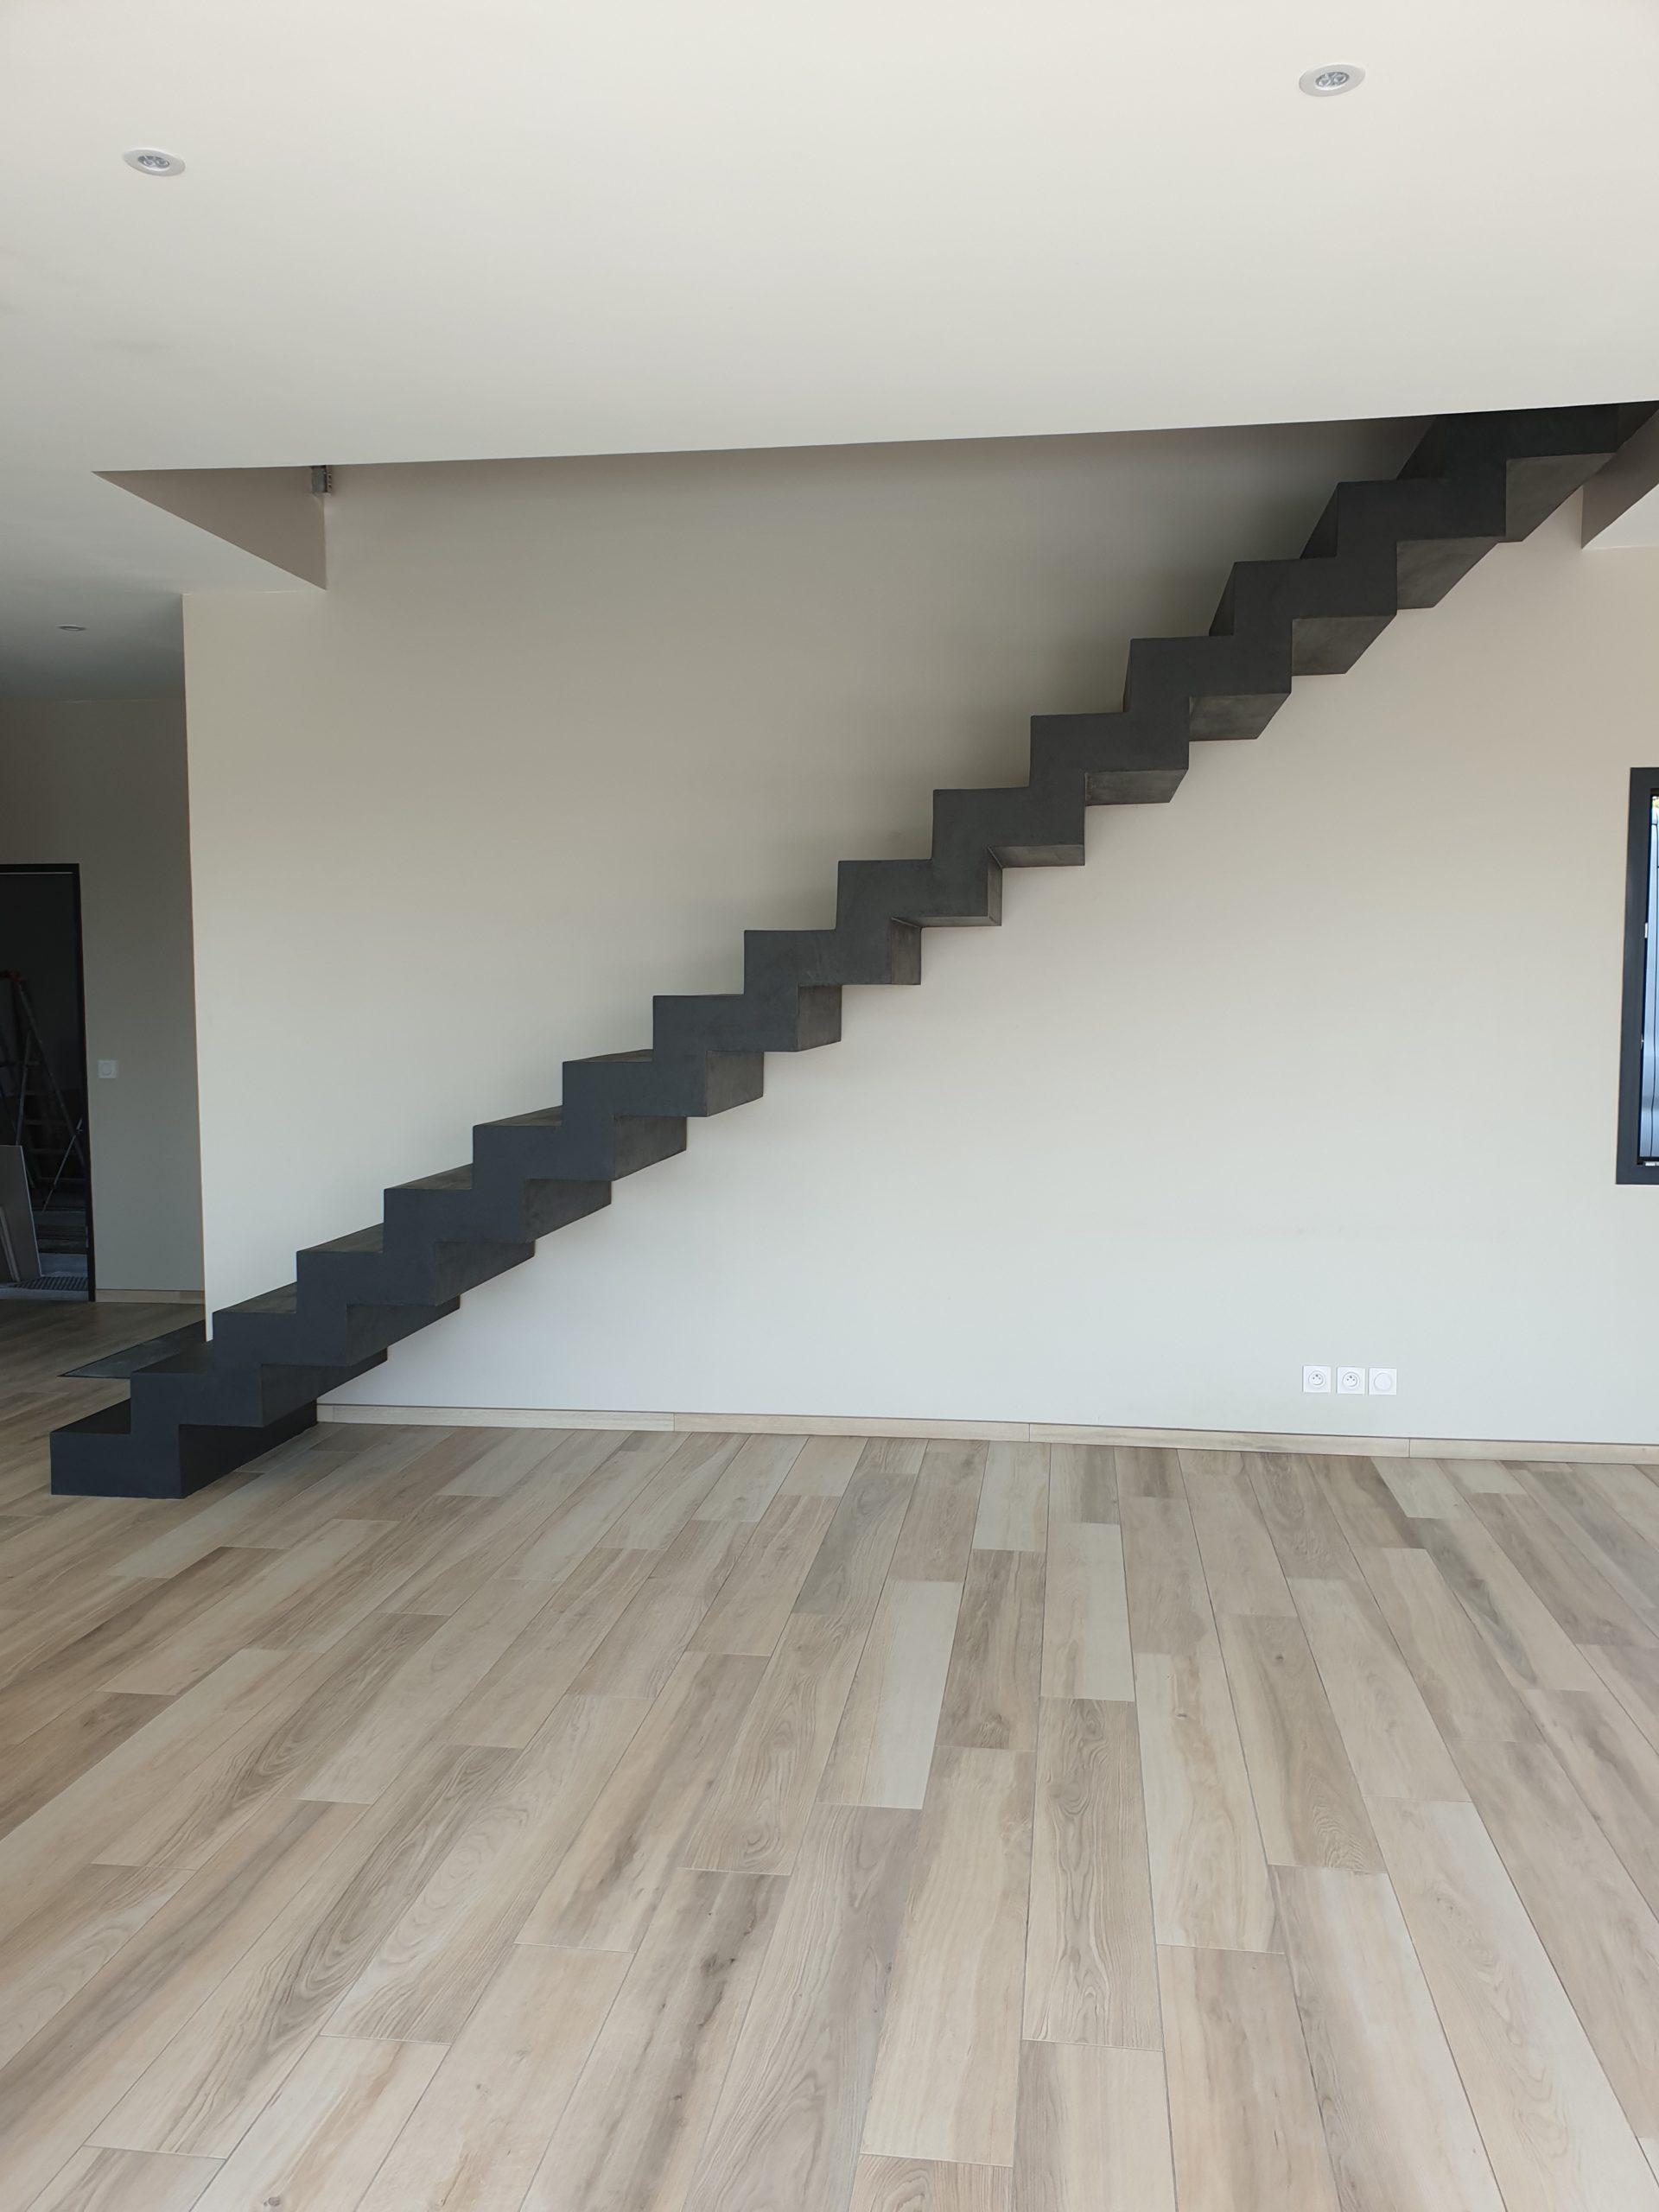 Salon d'une maison individuelle avec comme décoration principale un escalier en béton ciré